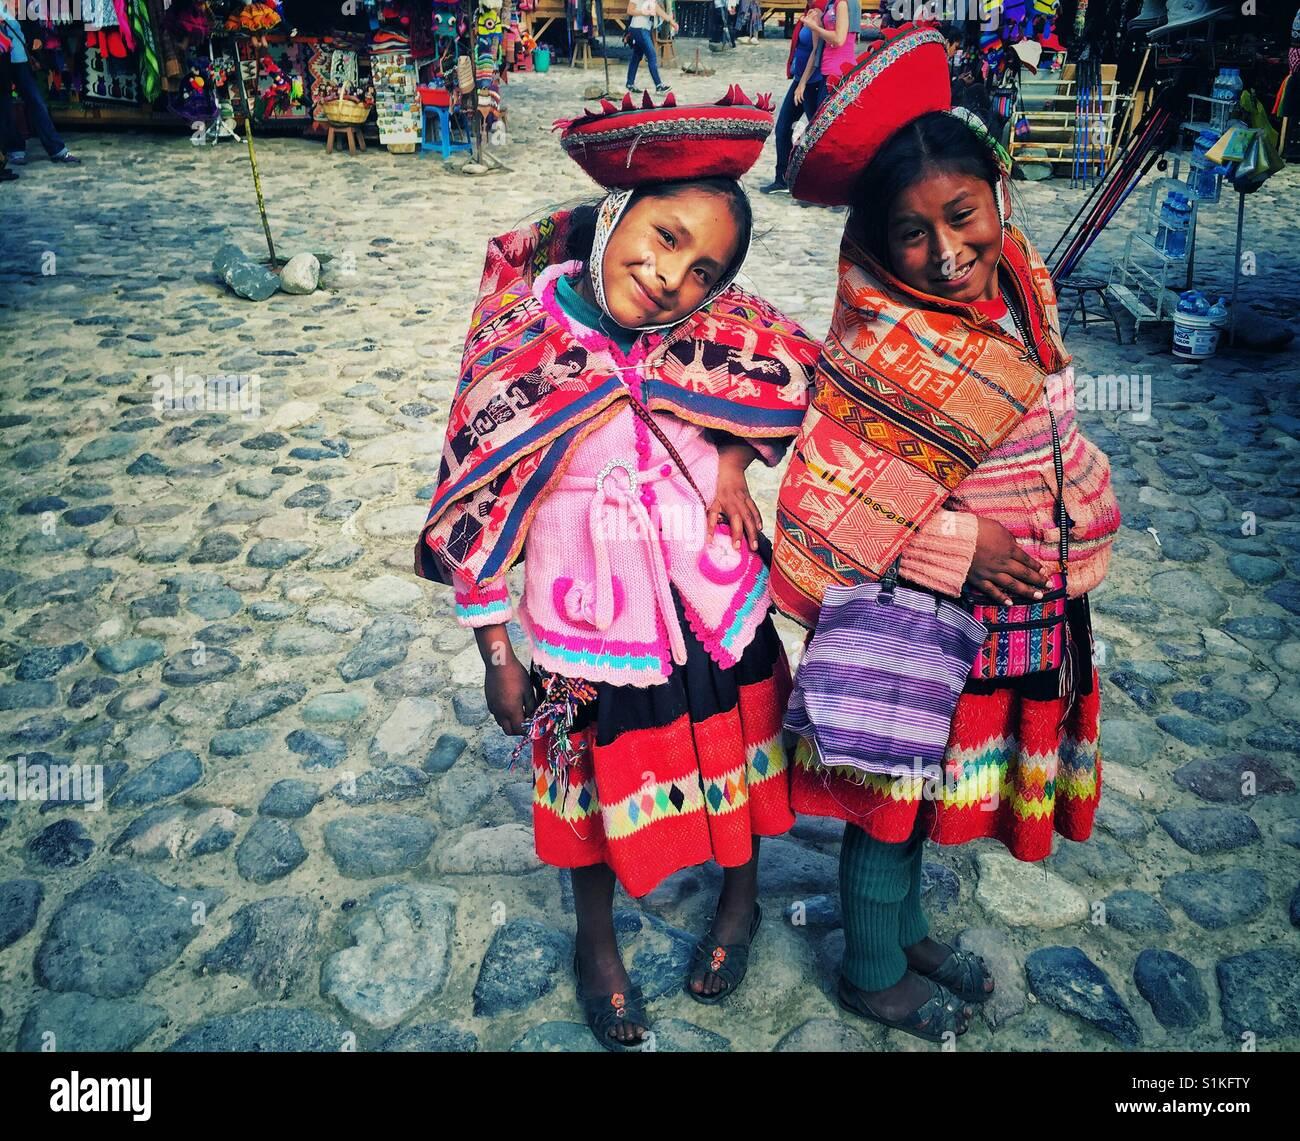 Zwei junge peruanische Mädchen in traditionellen Kleidern posieren und Lächeln für die Kamera in Stockbild